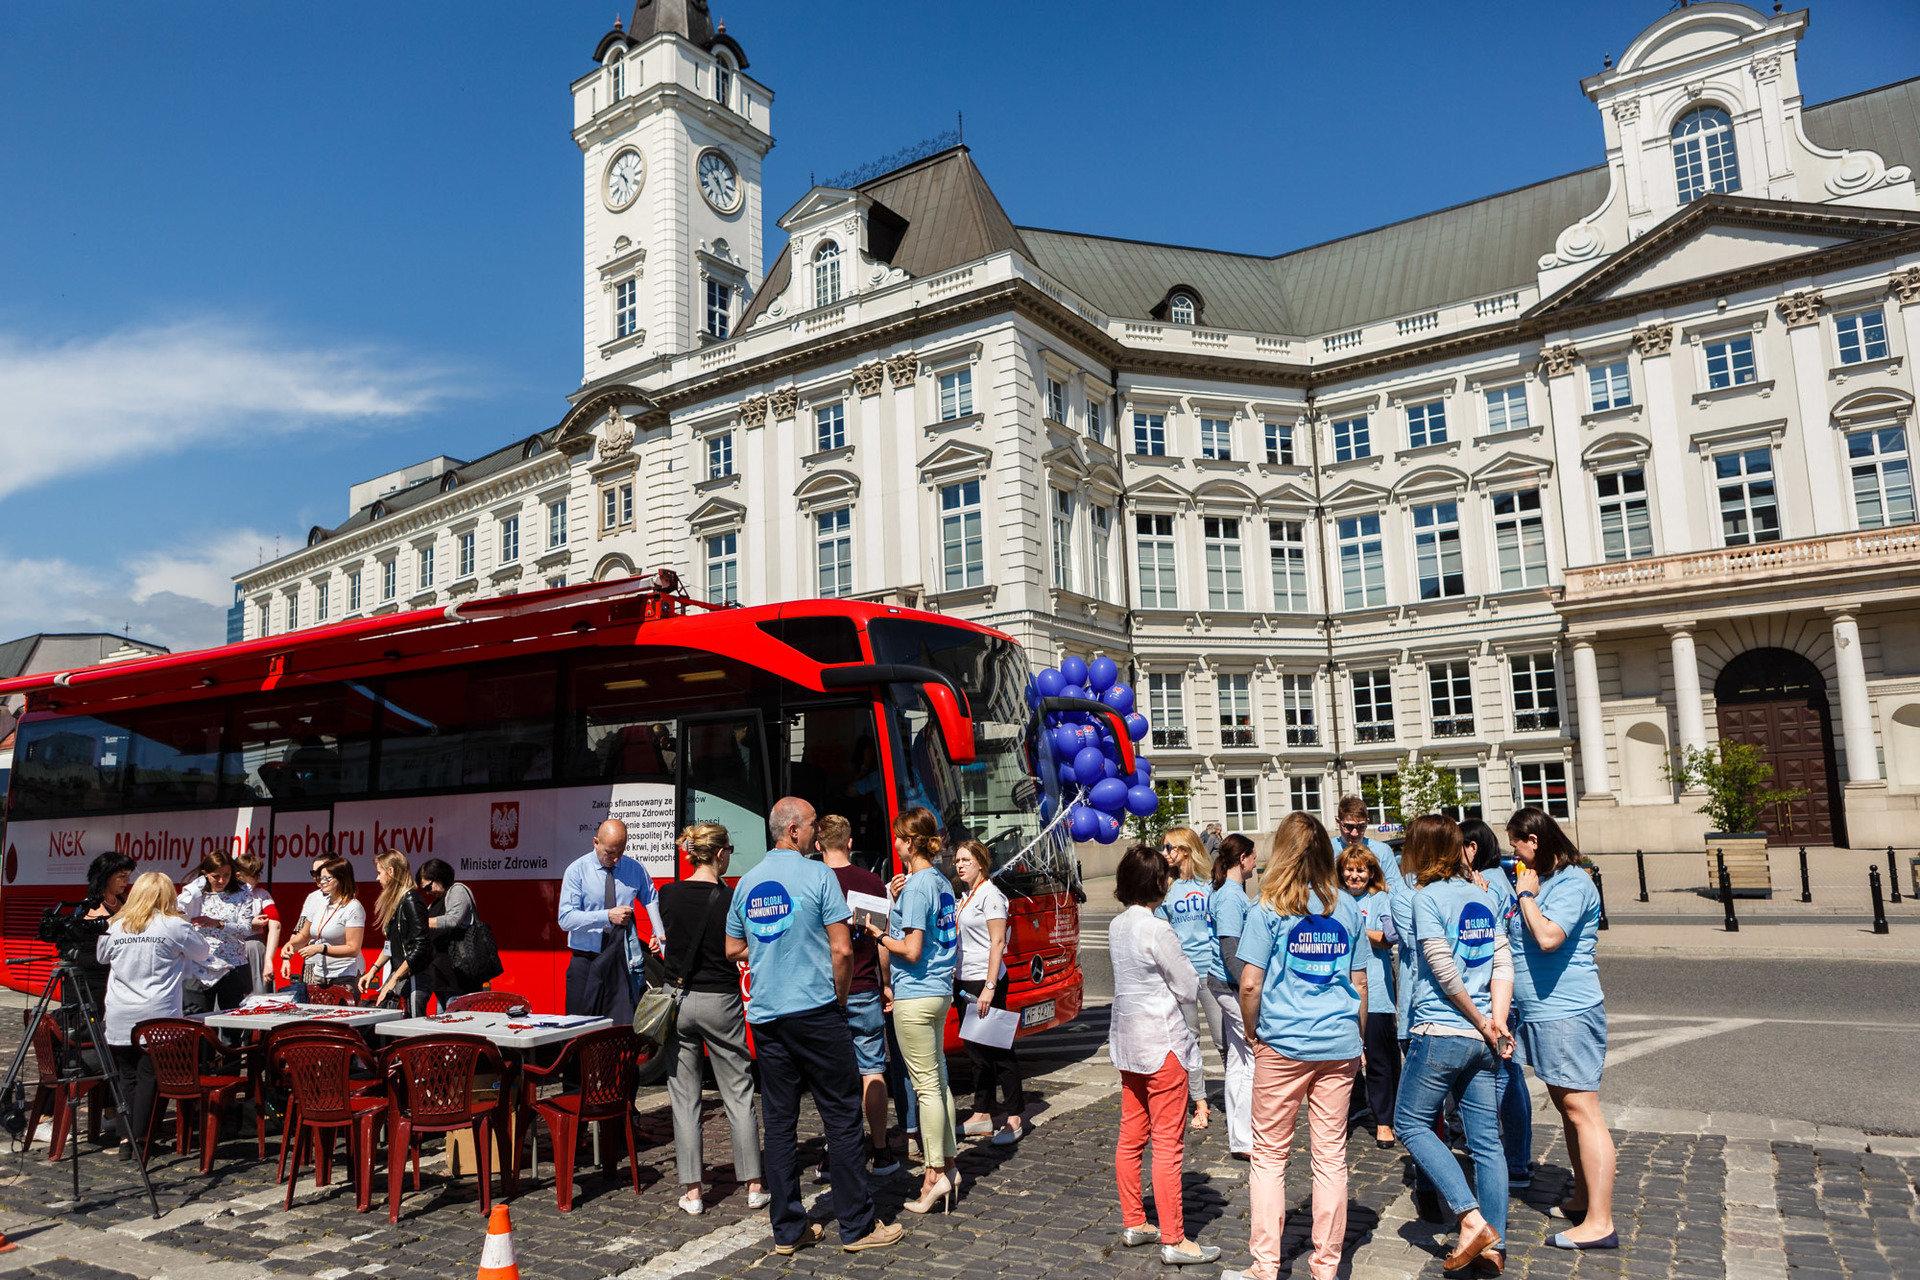 #CitiVolunteers: Oddaj krew i podpisz się pod przesłaniem dla przyszłych pokoleń